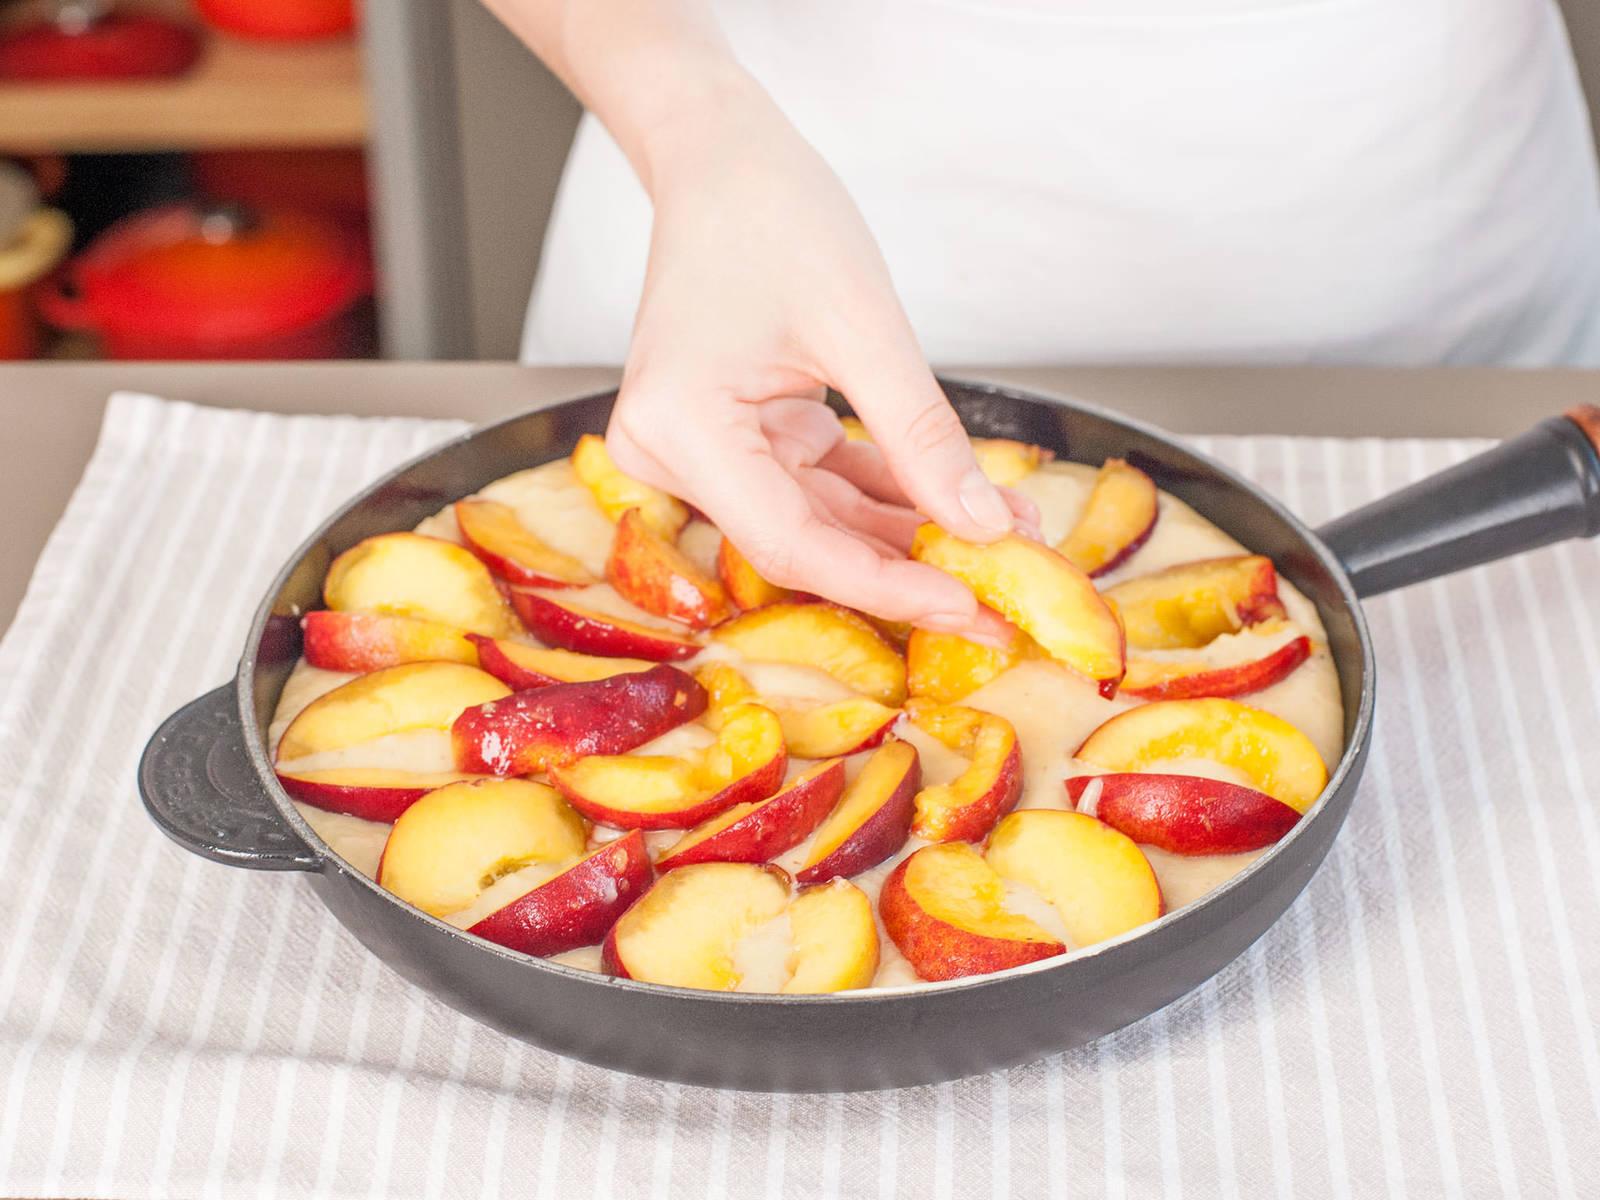 Teig in gusseiserne Pfanne füllen und mit einer Schicht Pfirsichscheiben bedecken.